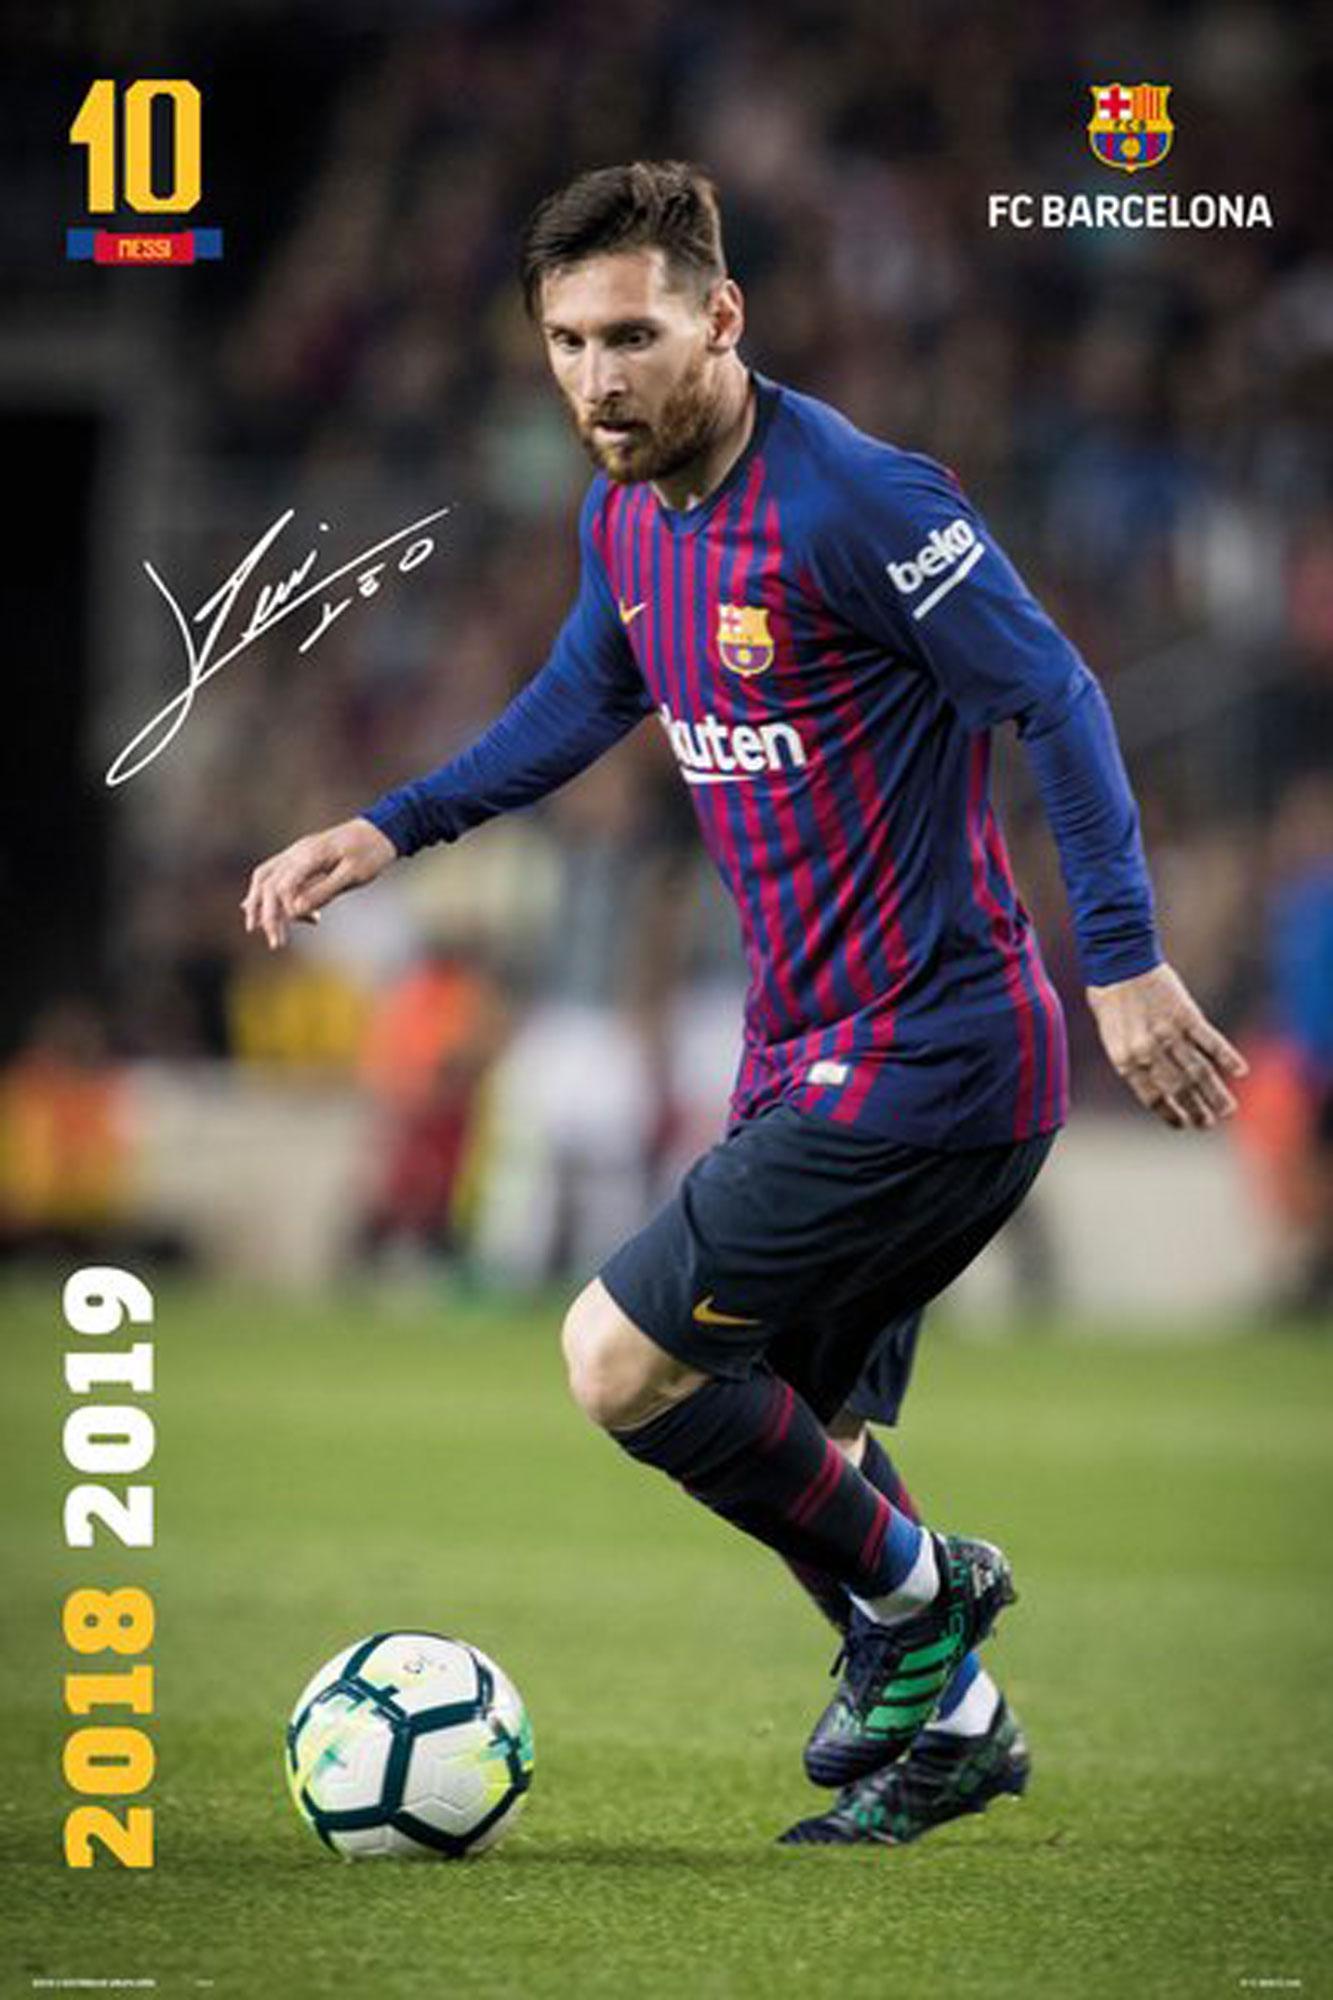 Ramos Action 17 18 Tur Poster Xxl Door Ca 53x158 Cm Real